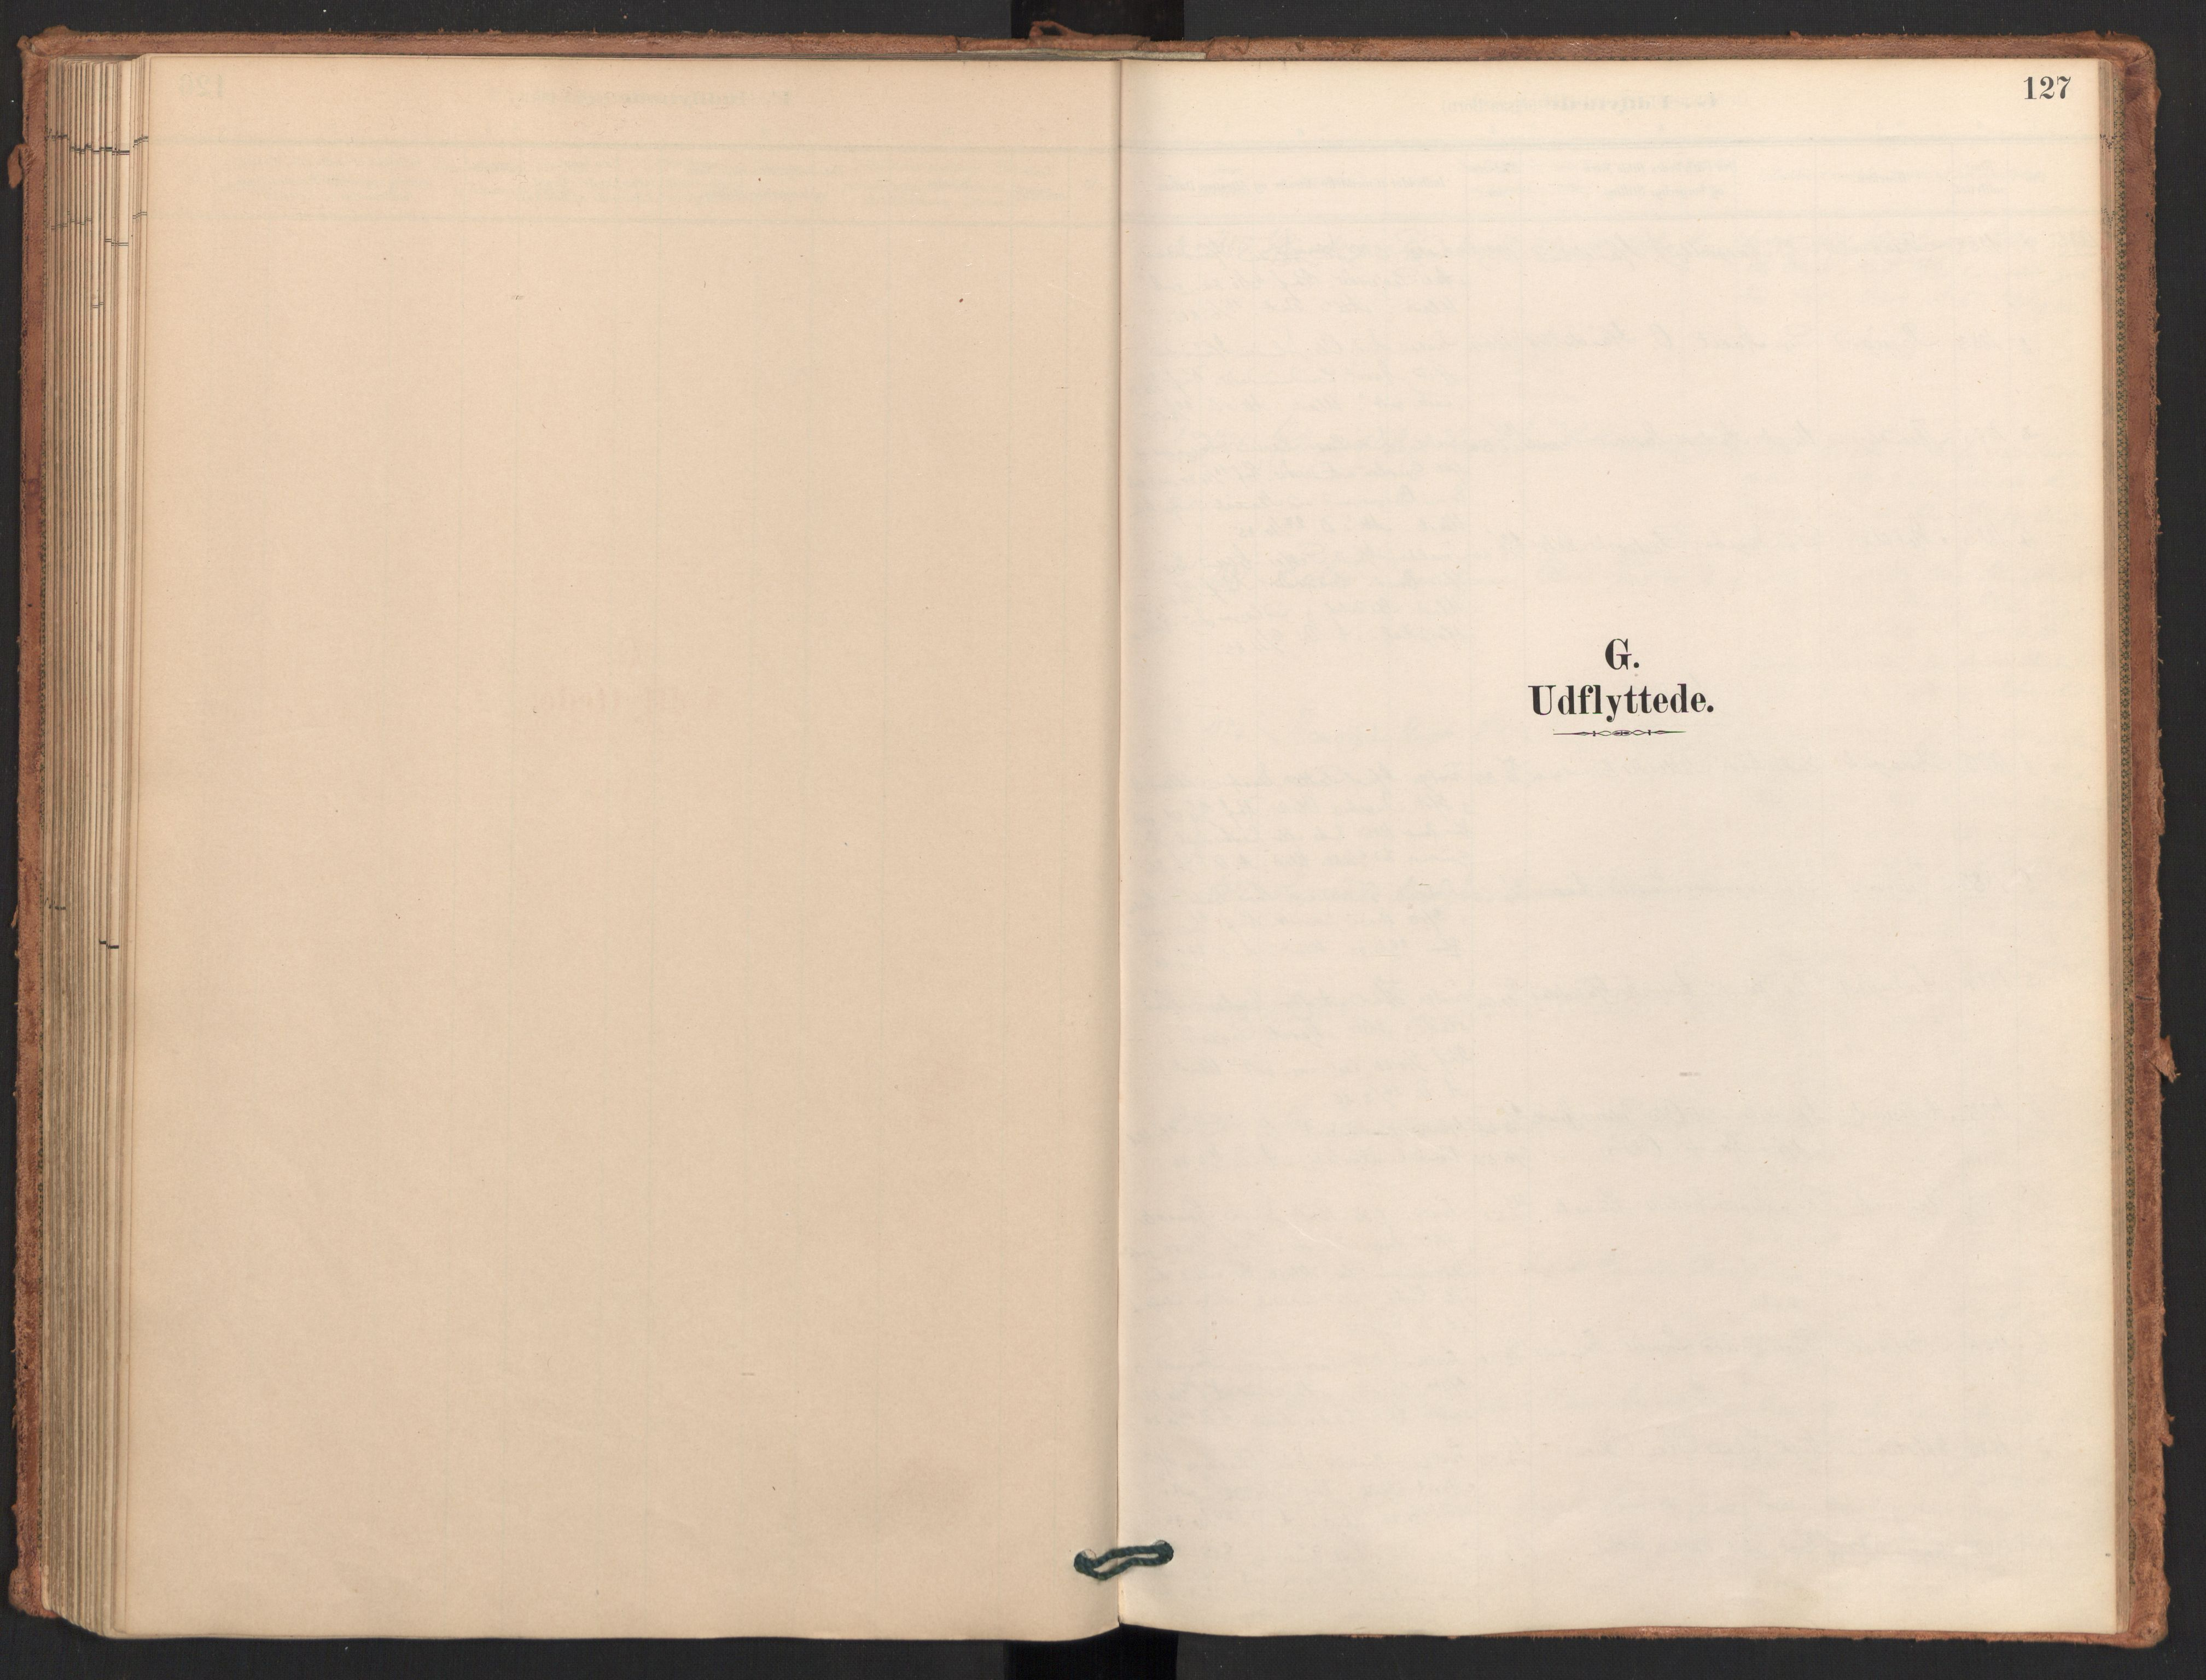 SAT, Ministerialprotokoller, klokkerbøker og fødselsregistre - Møre og Romsdal, 596/L1056: Ministerialbok nr. 596A01, 1885-1900, s. 127